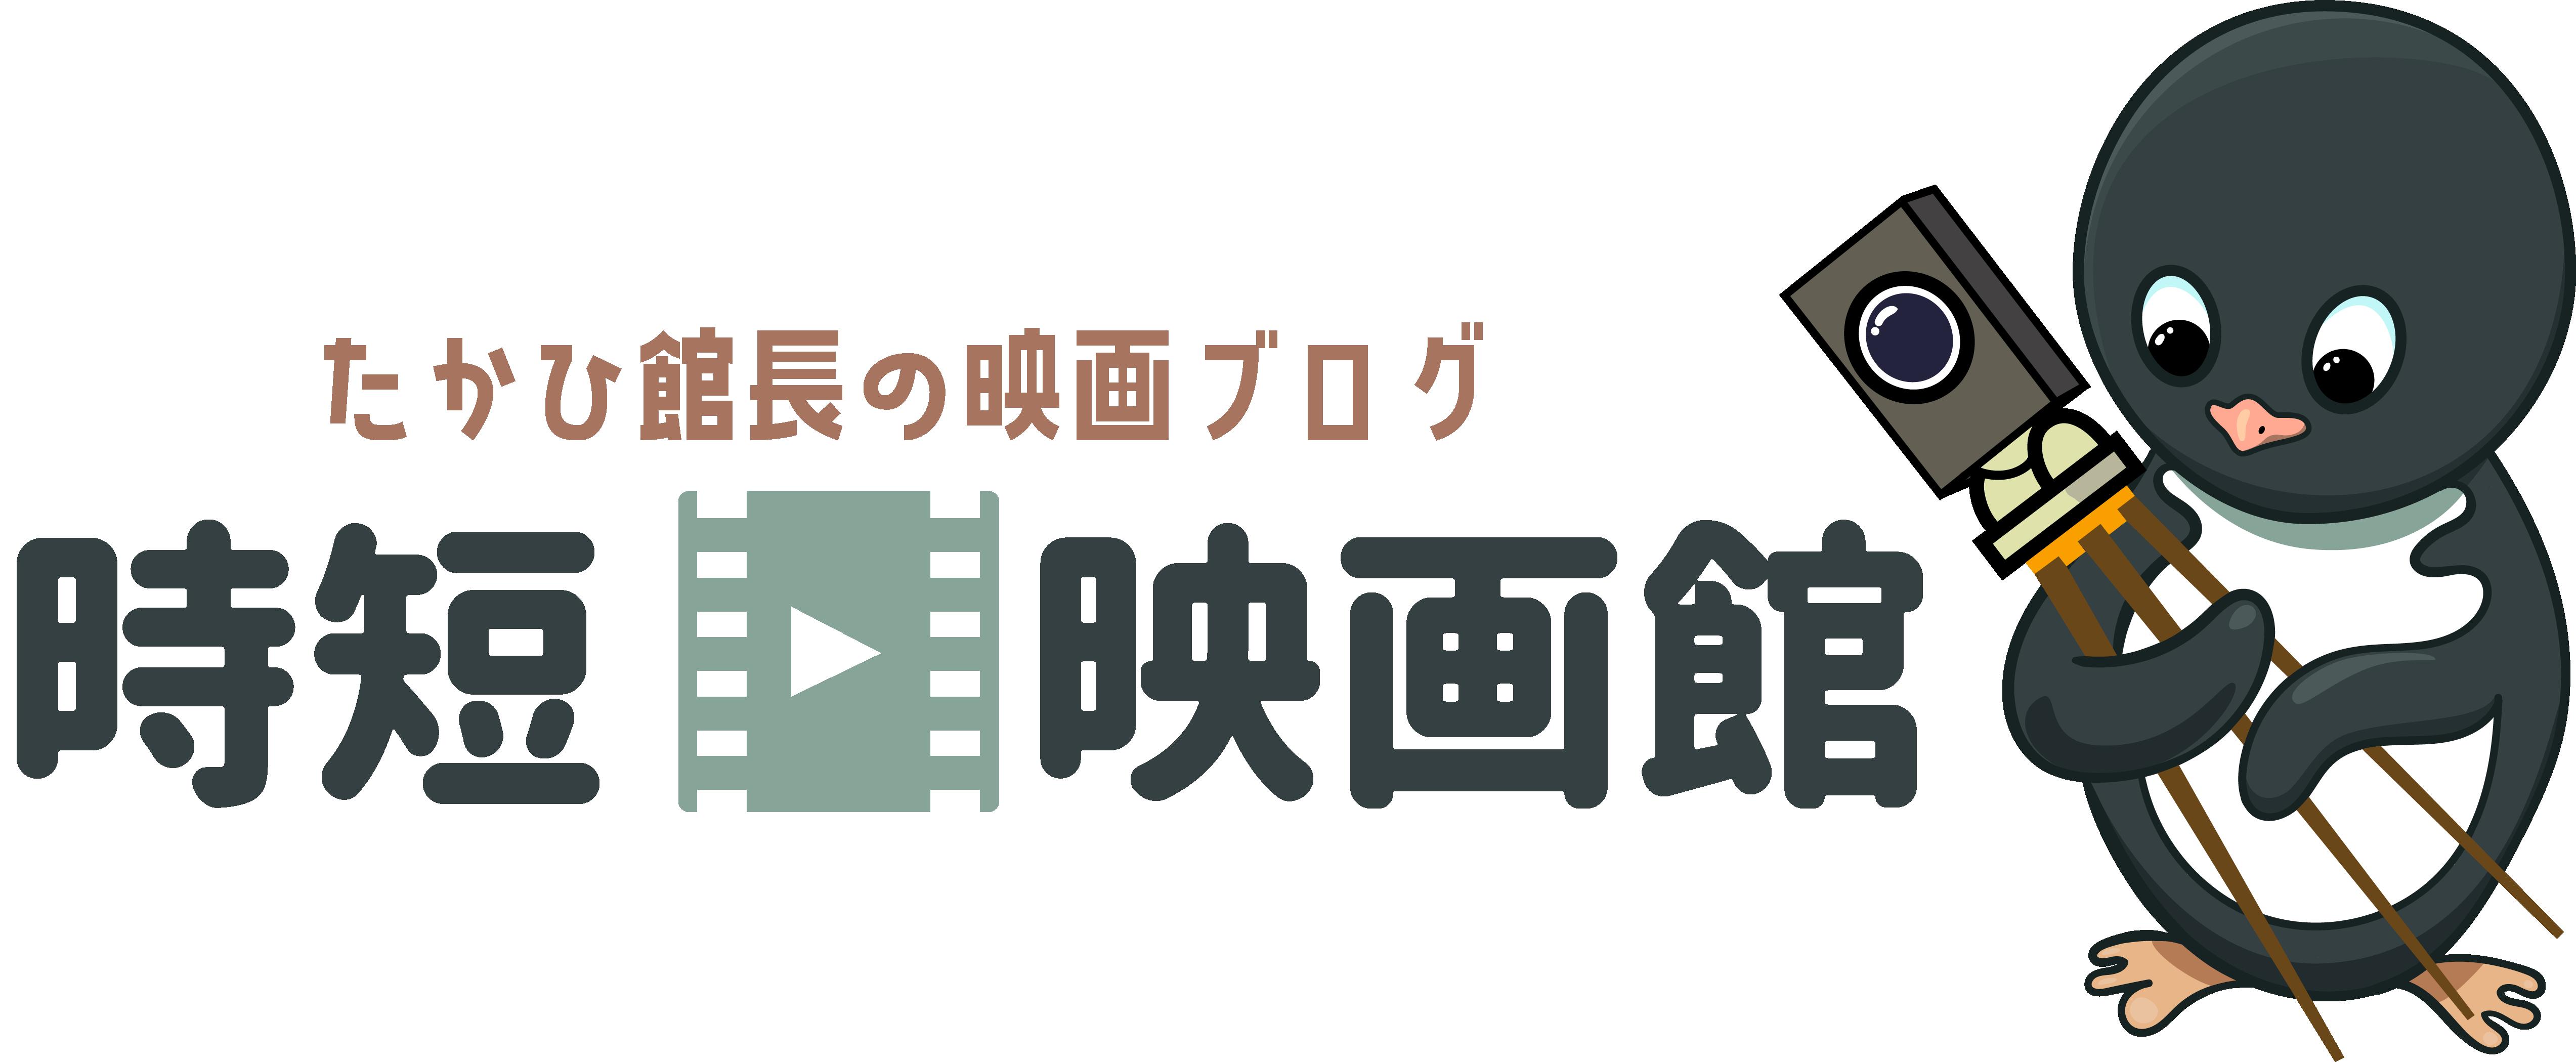 たかひ館長の映画ブログ「時短映画館」